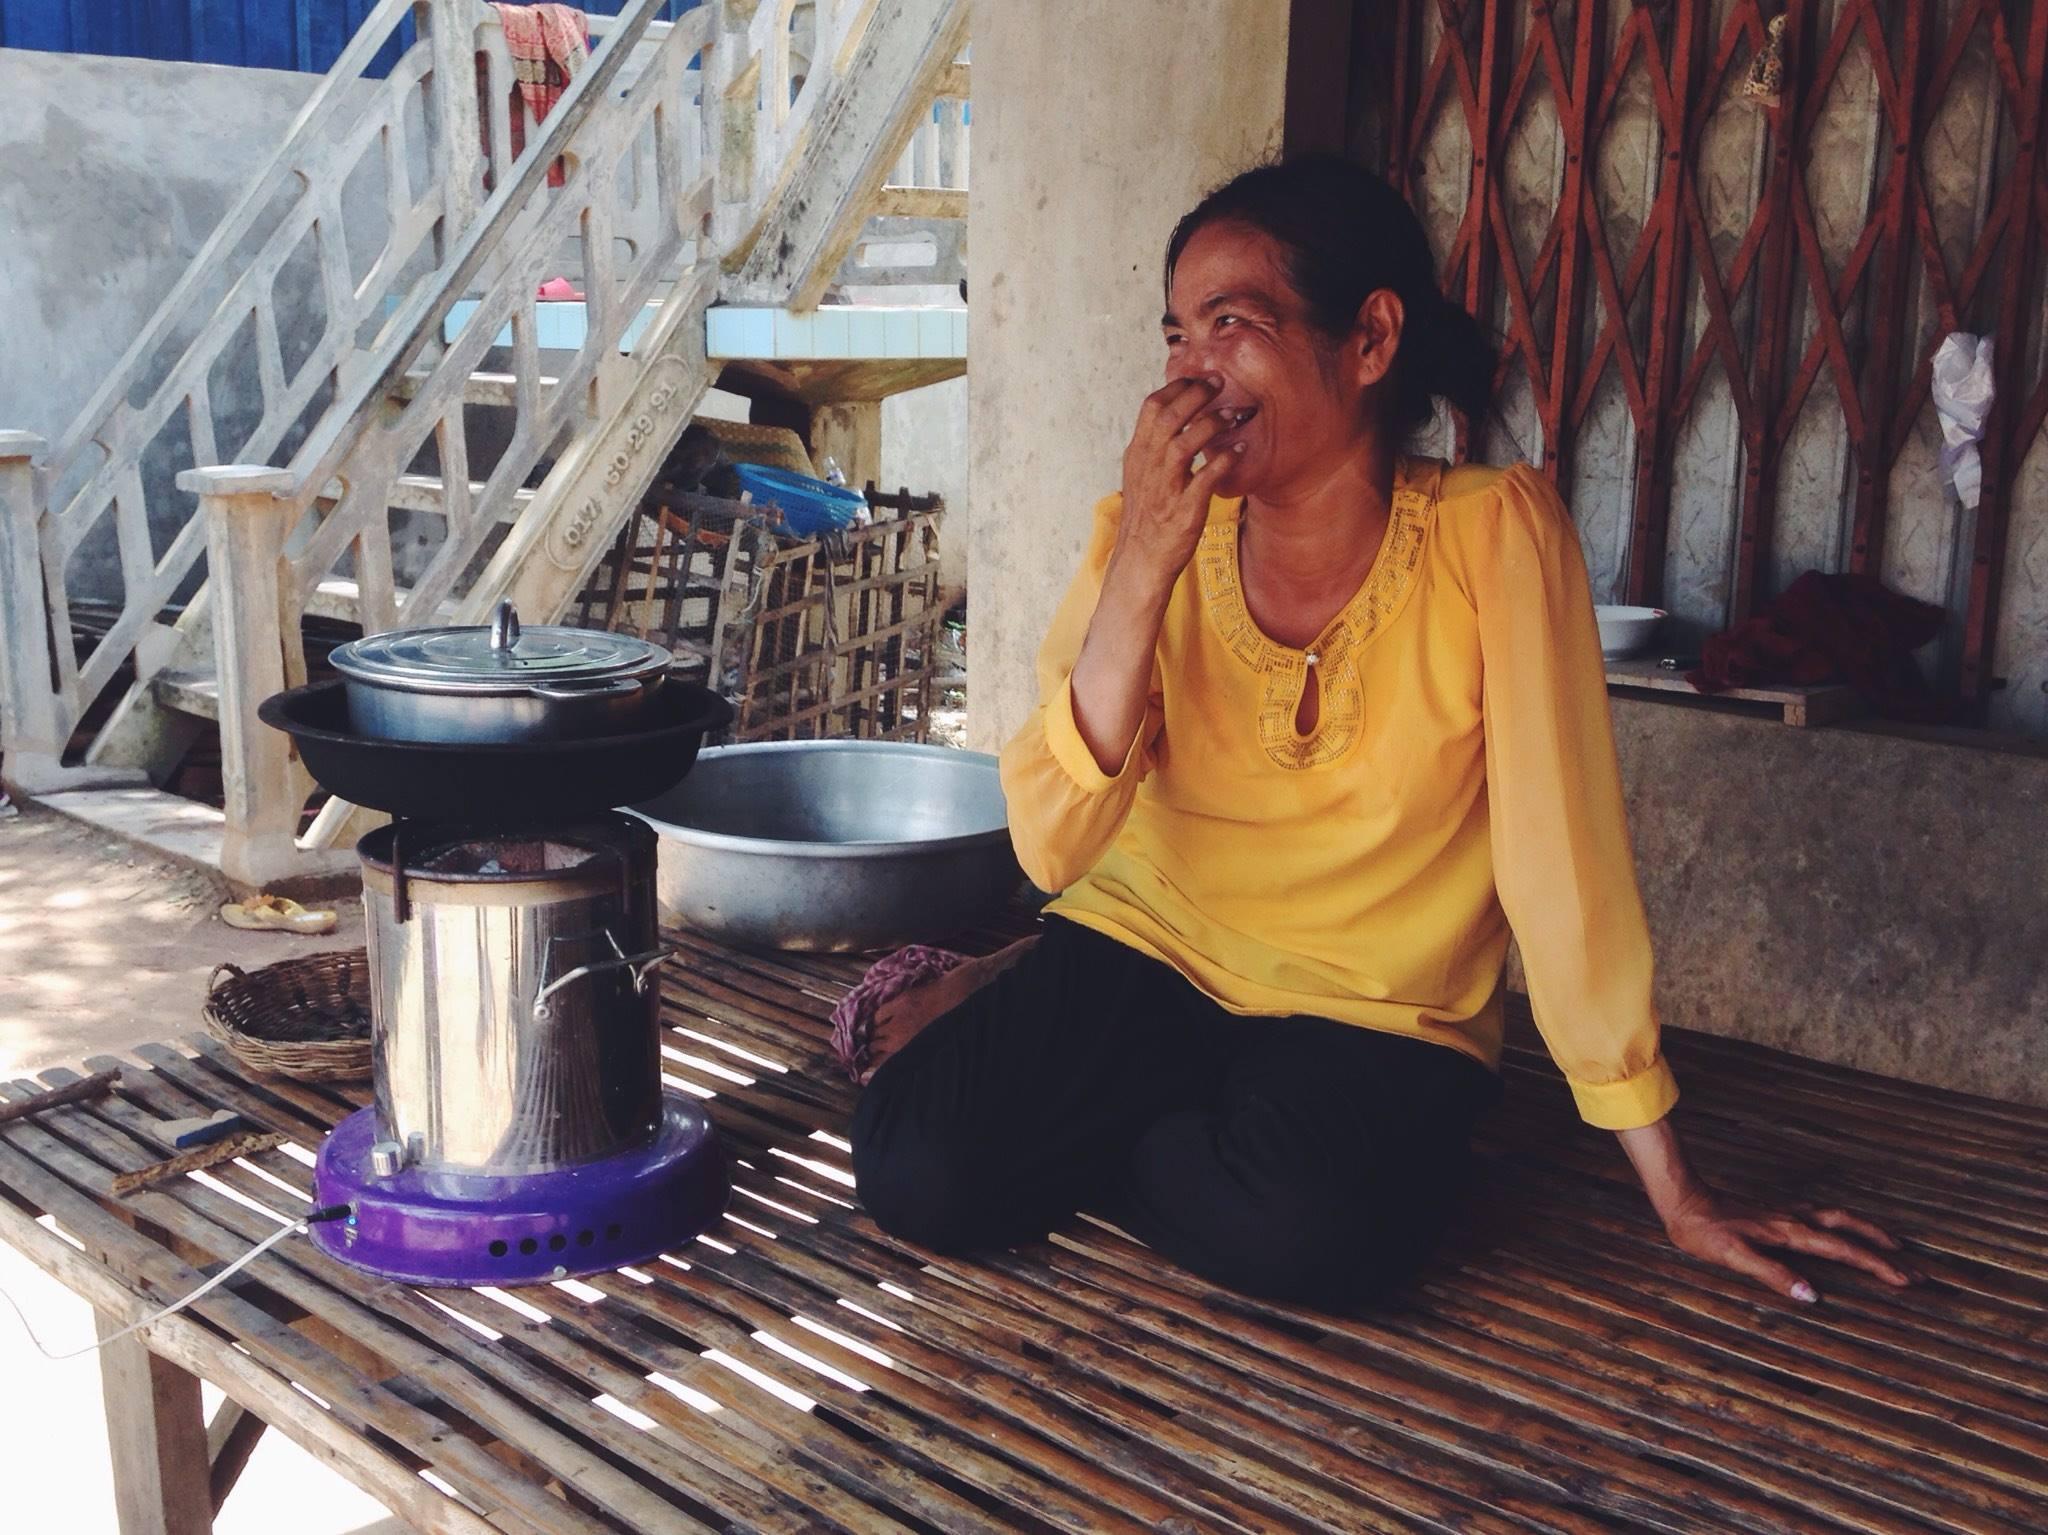 Faraz_Cambodia_cookstoves_2